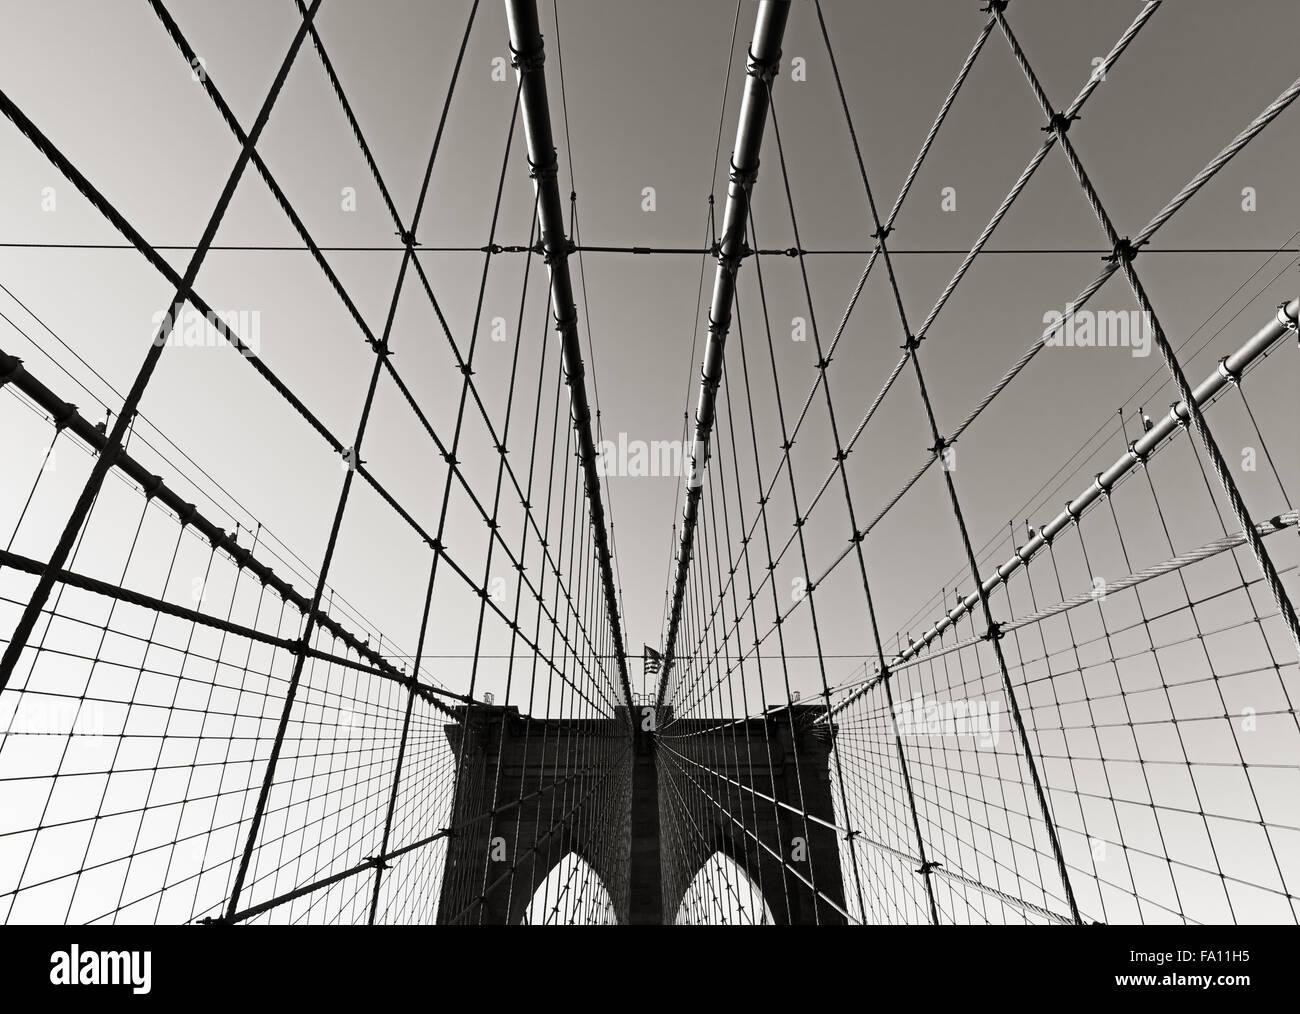 La Torre del Puente de Brooklyn, en blanco y negro, con el doble de arcos góticos y simétricos cables Imagen De Stock